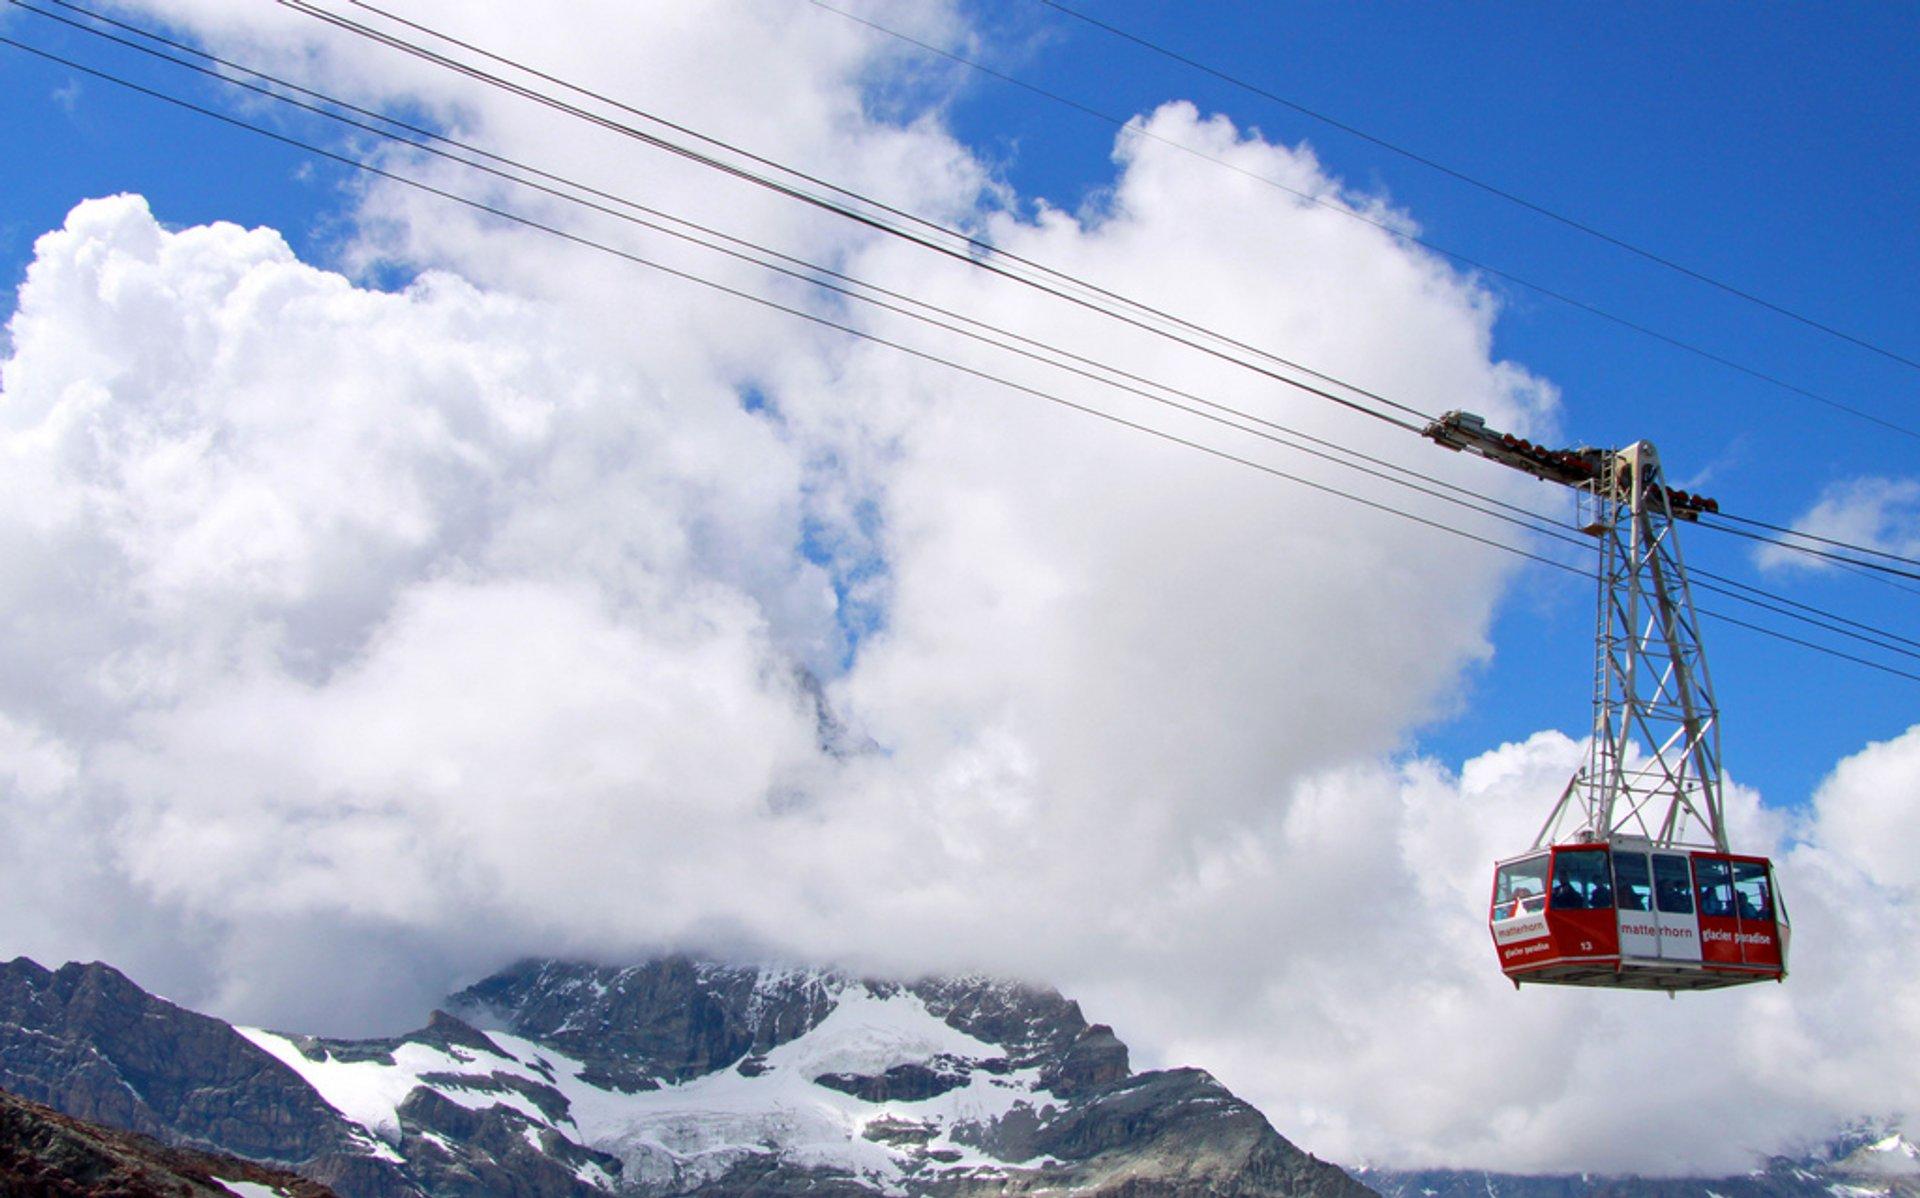 Zermatt. Mount Matterhorn 2020